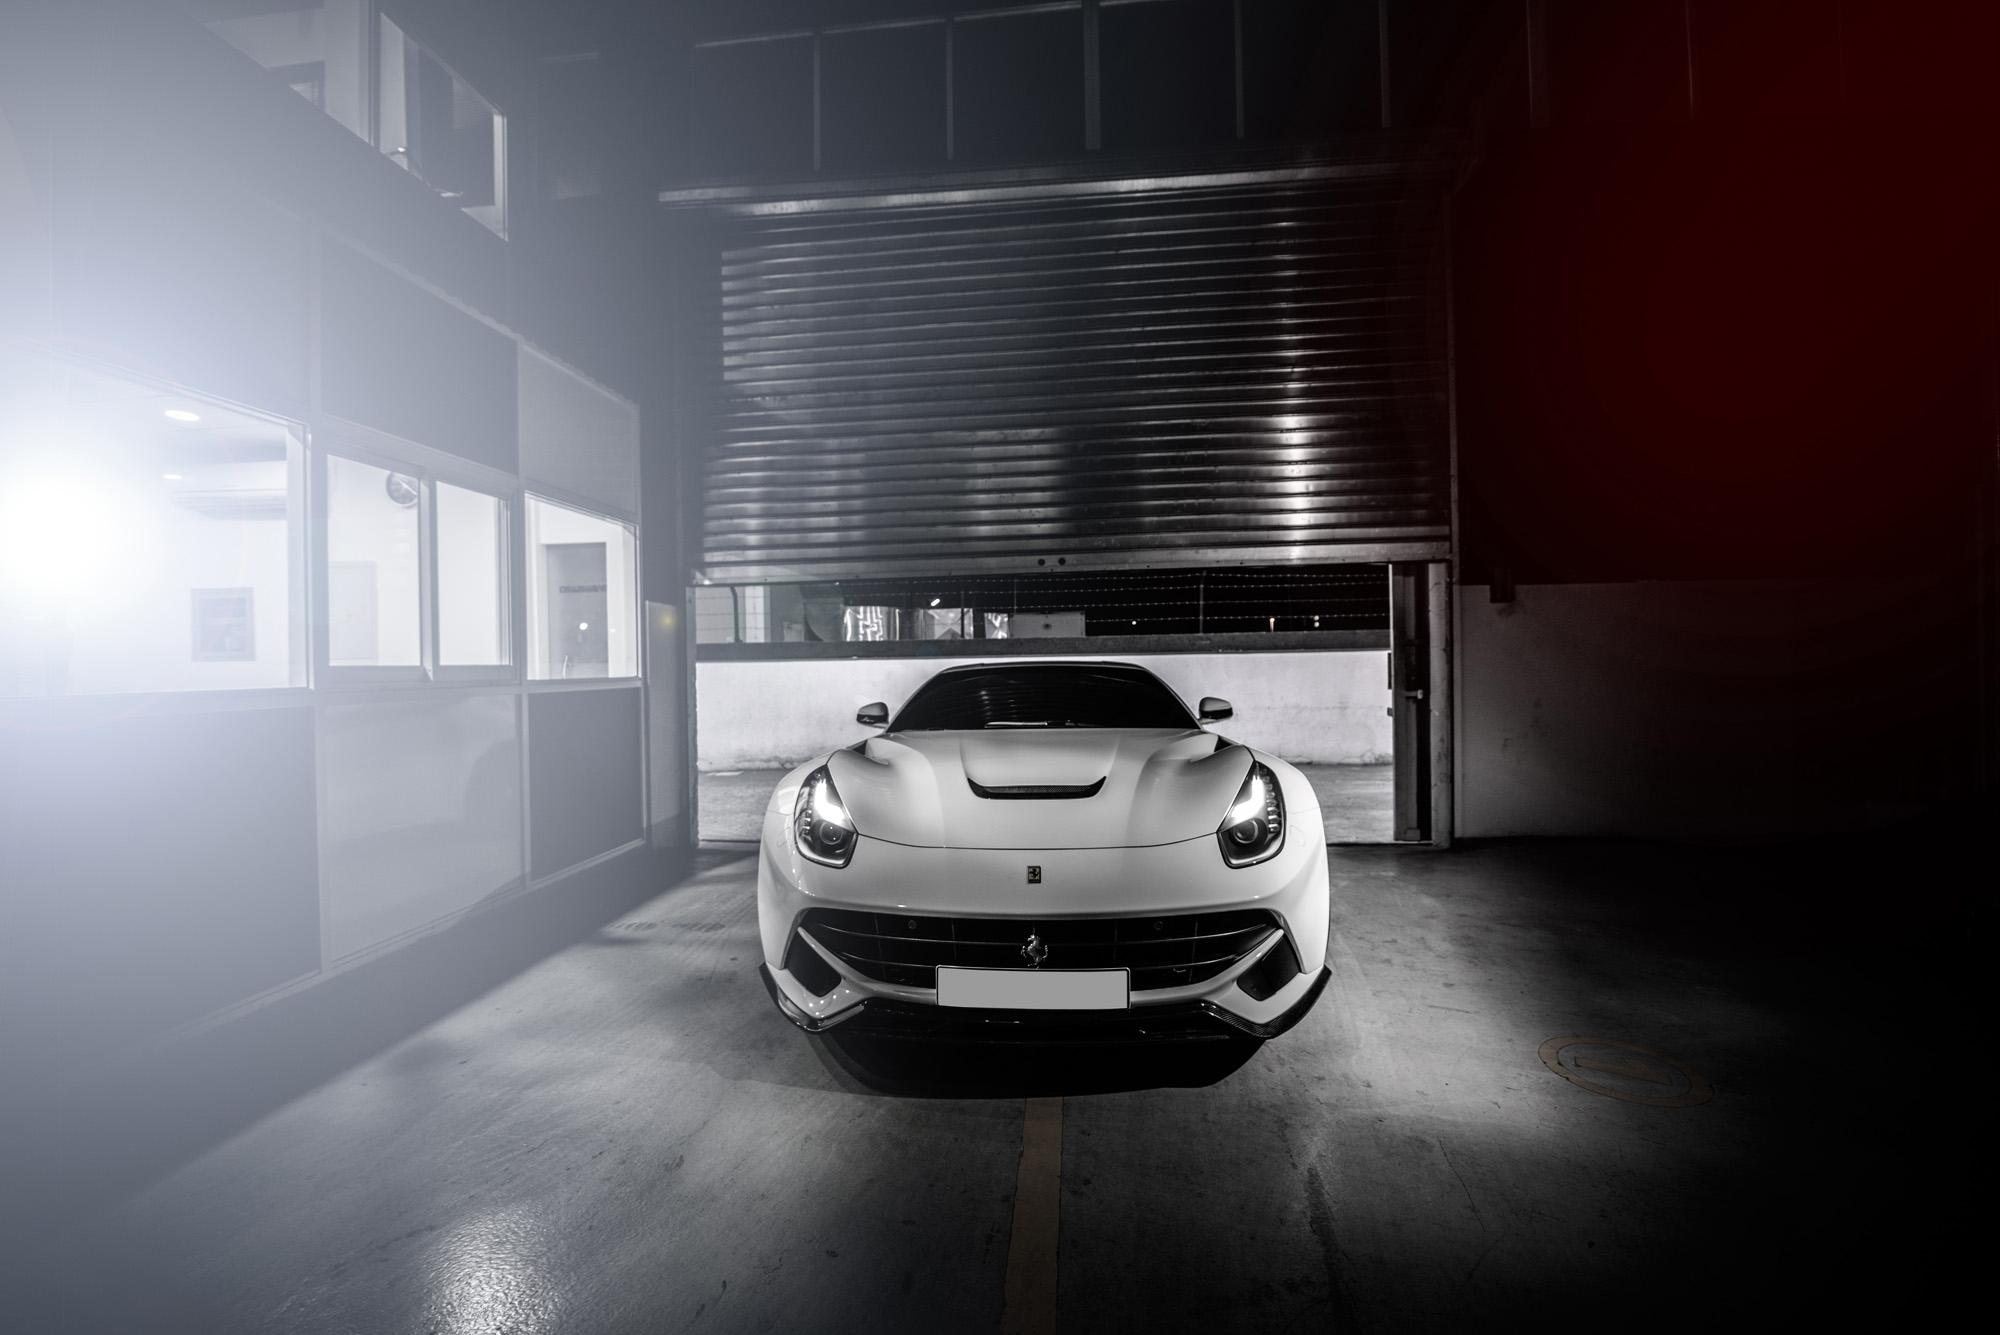 Ferrari F12 Berlinetta vorn